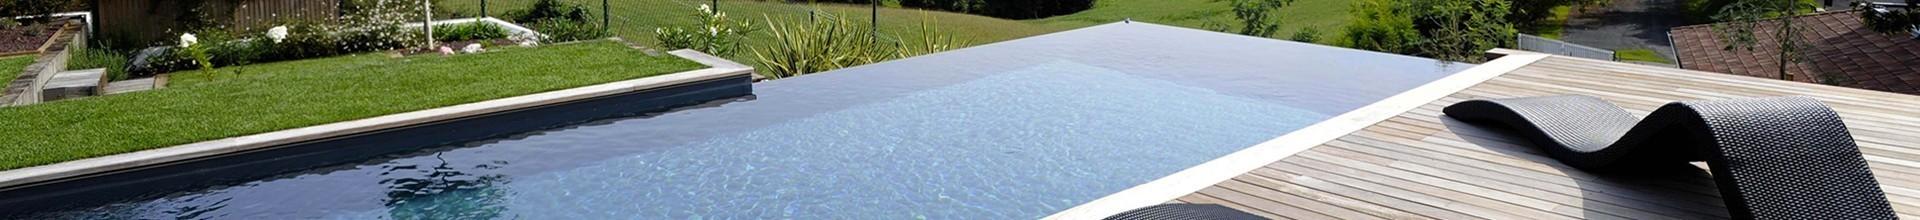 Constructeur piscine discount Occitanie